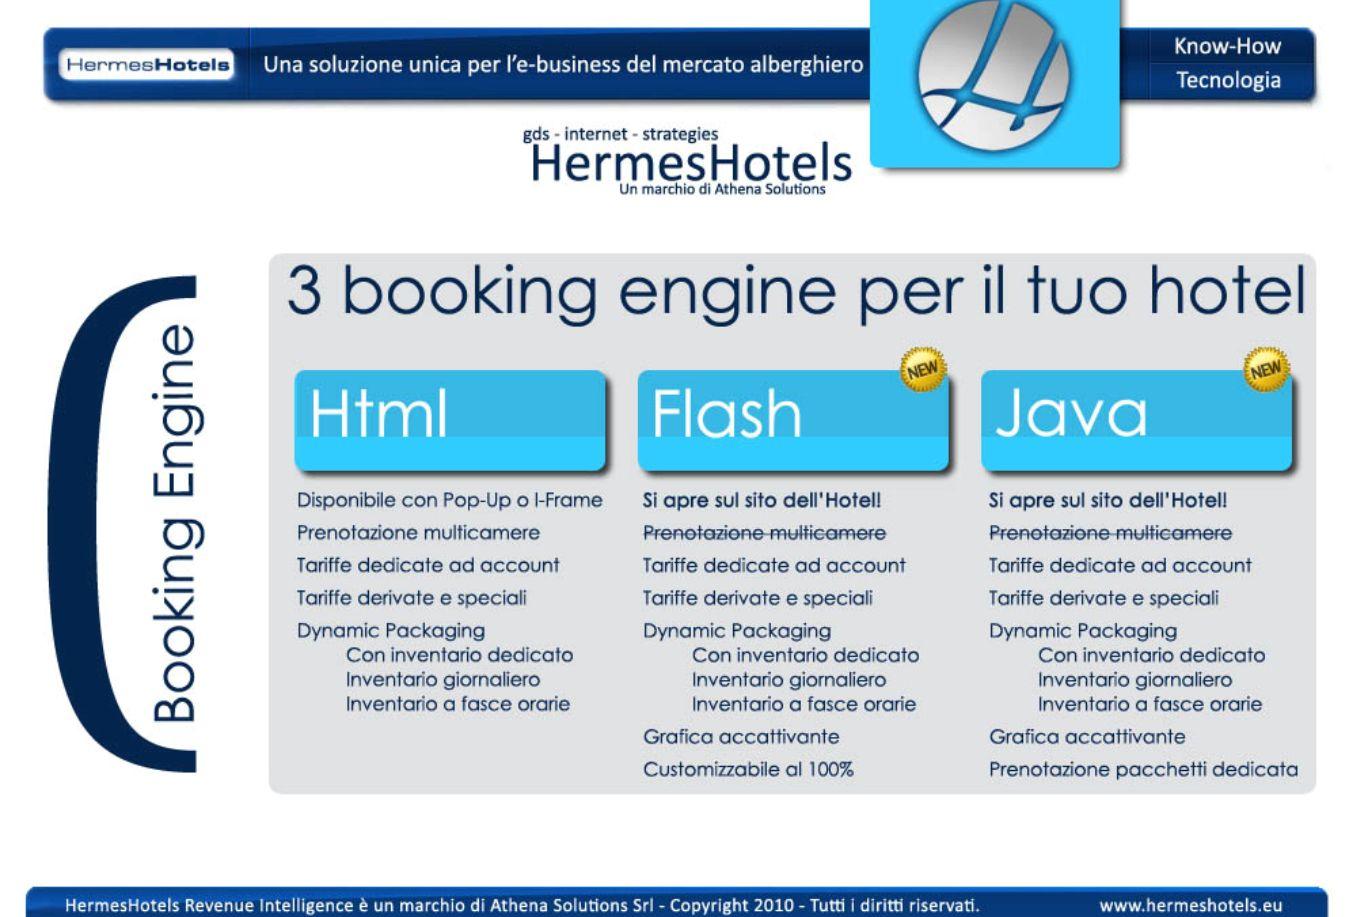 Il Booking Engine Html di HermesHotels è studiato per permettere I-Frame sui siti degli Hotels.